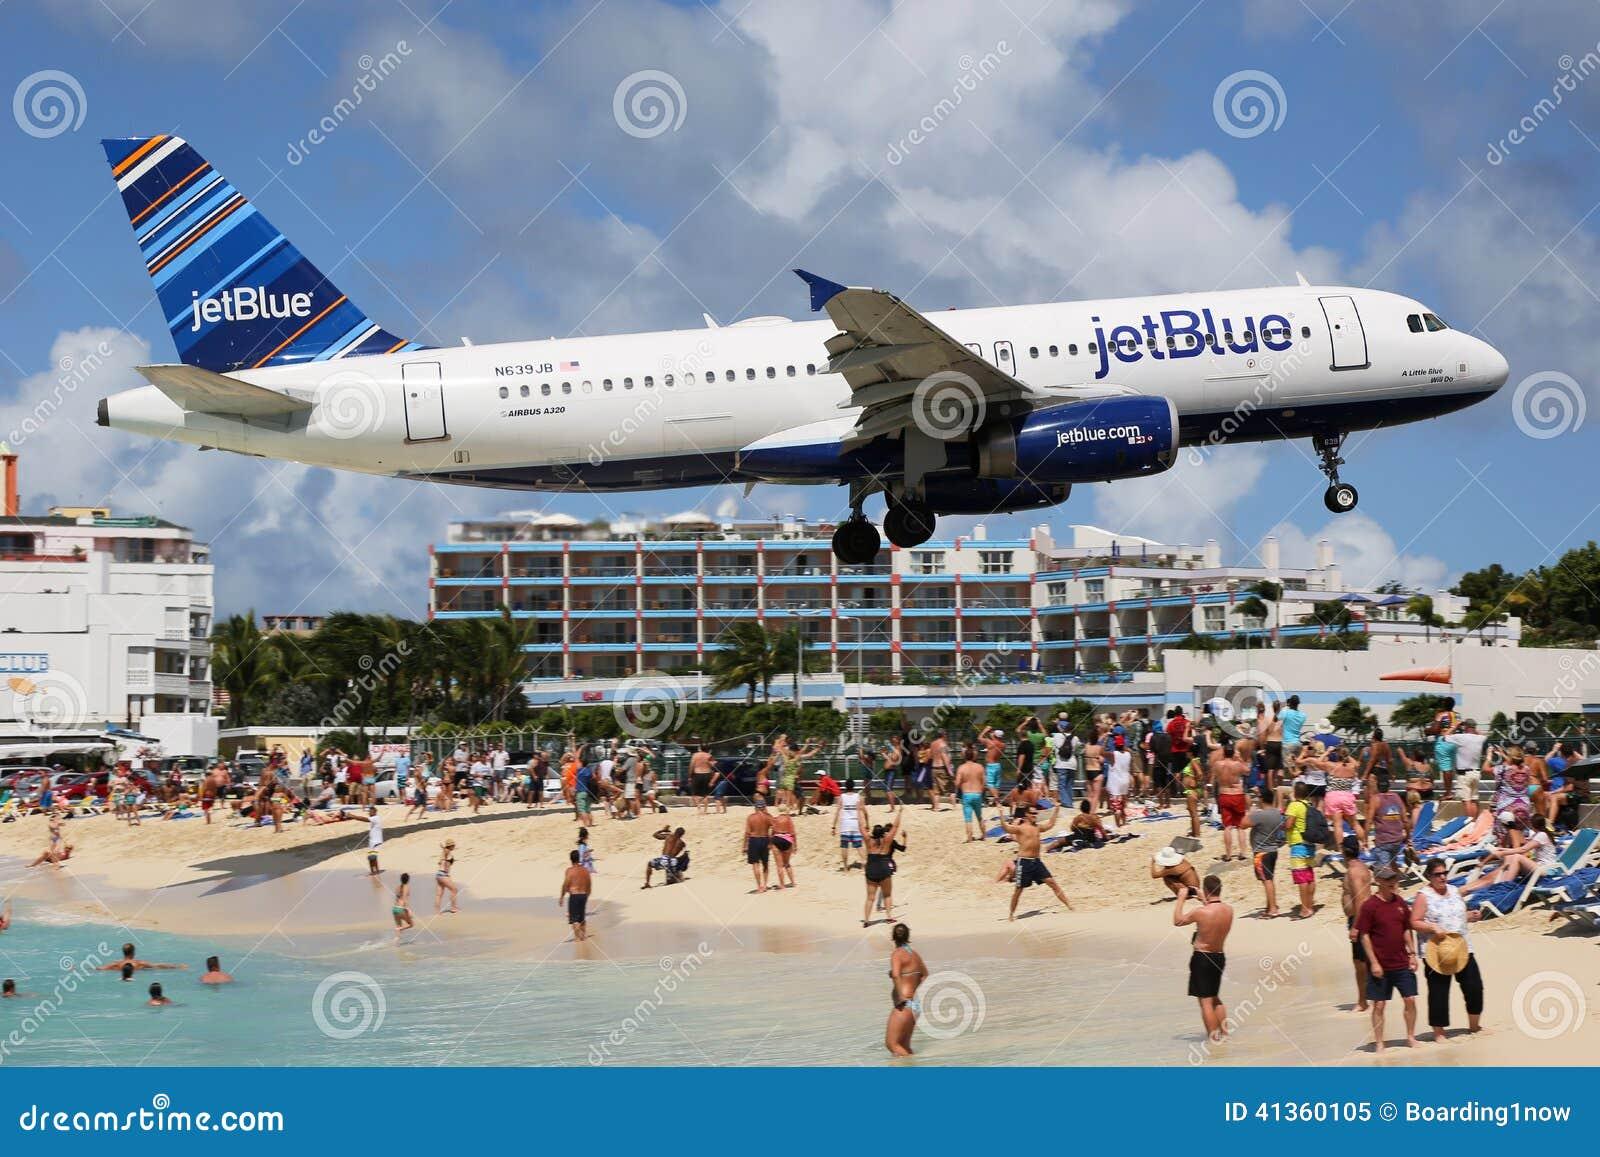 Plane Off Runway Virgin Islands